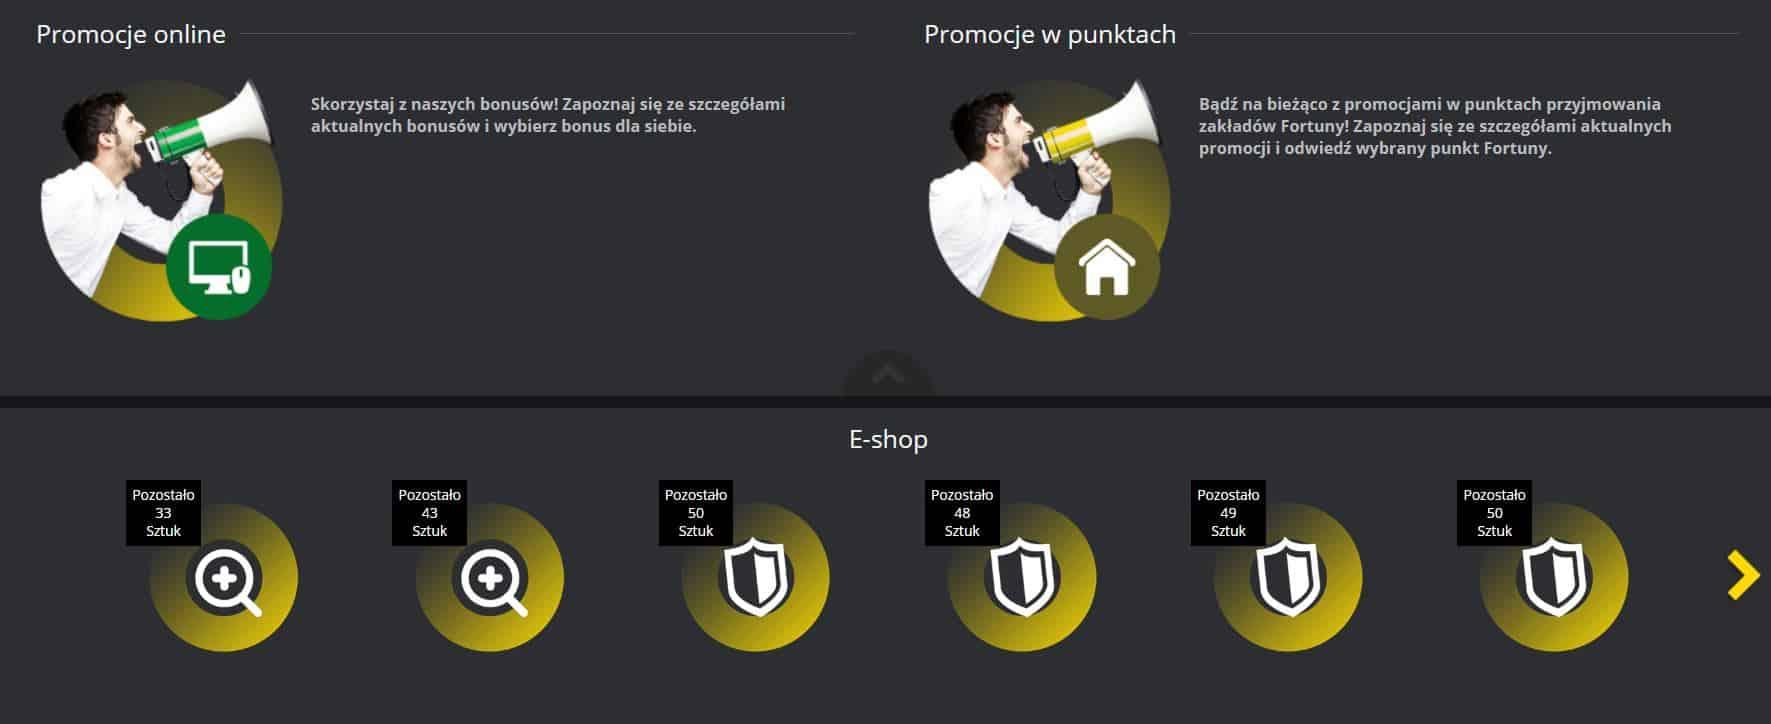 Fortuna Online. Promocje bukmacherskie